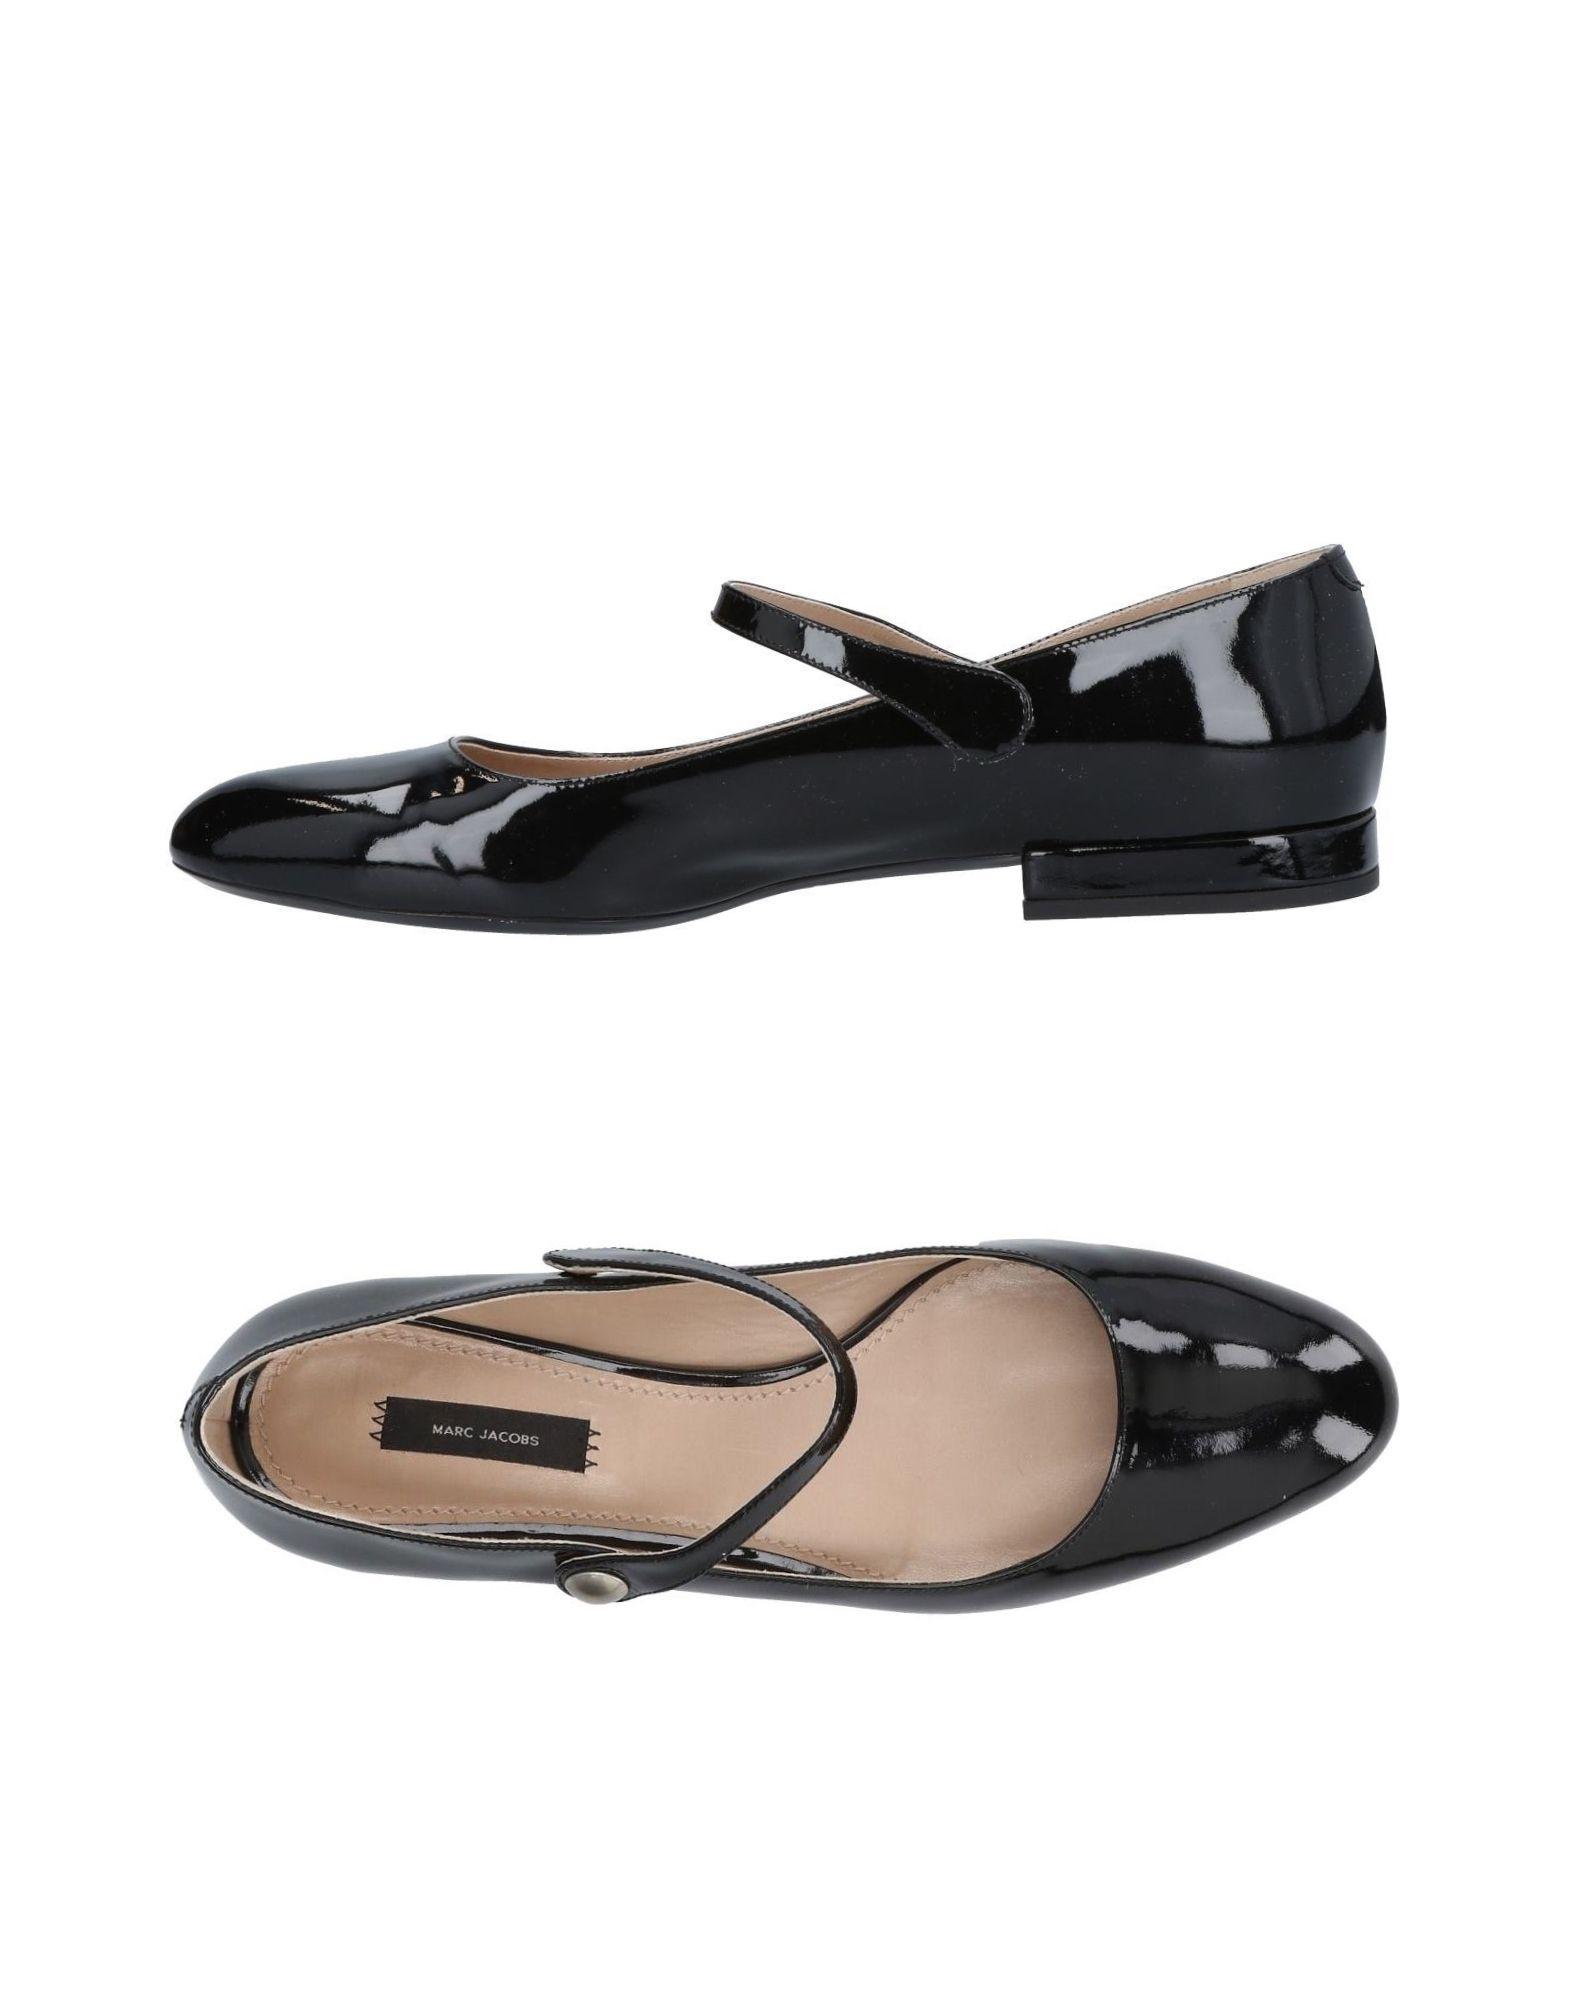 Rabatt Schuhe Marc Jacobs Ballerinas Damen  11437623VA